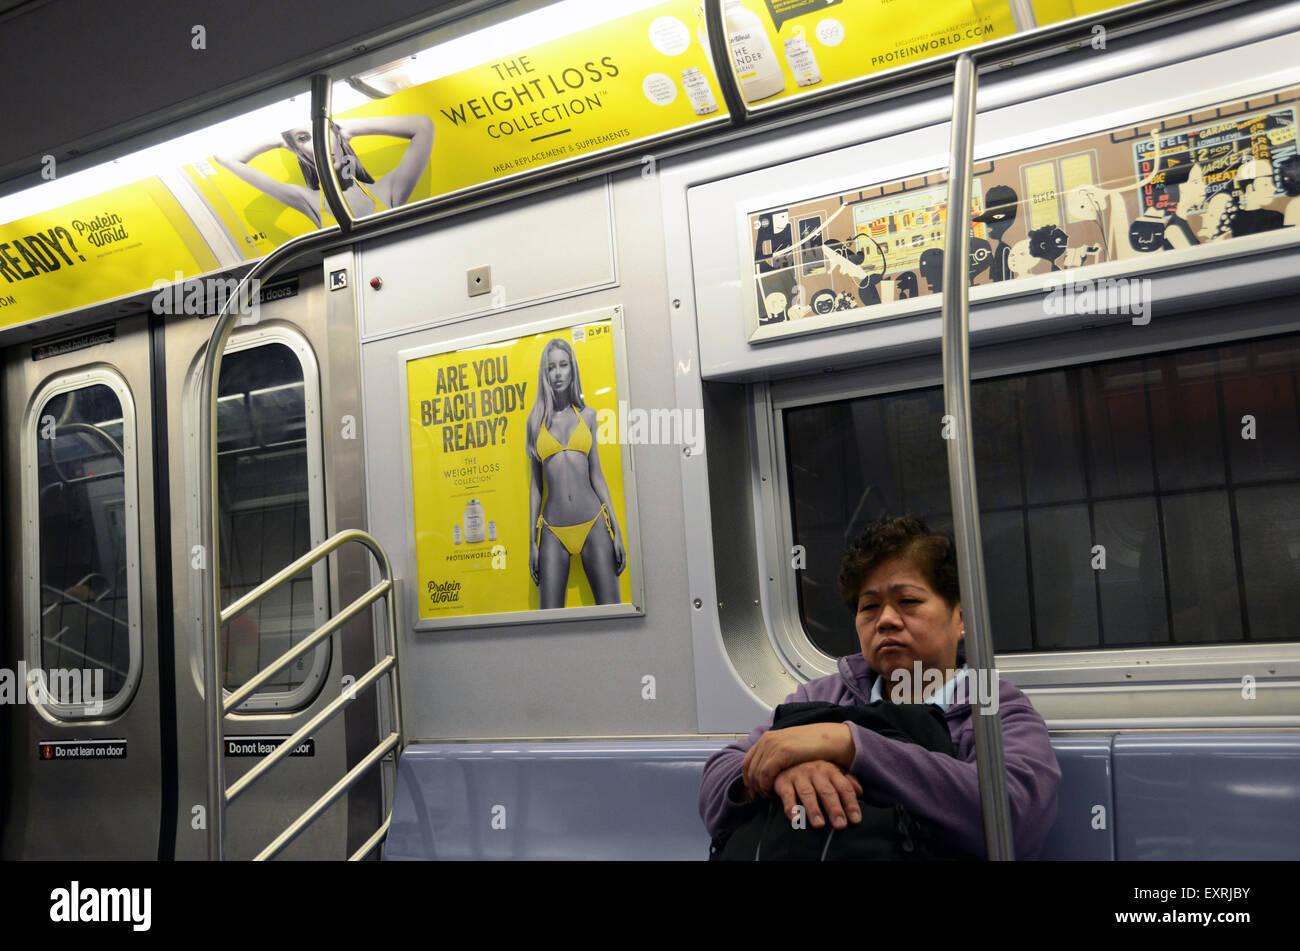 Annonce mondiale de protéines corps plage collection weightloss tube métro underground annonce l'affiche Photo Stock